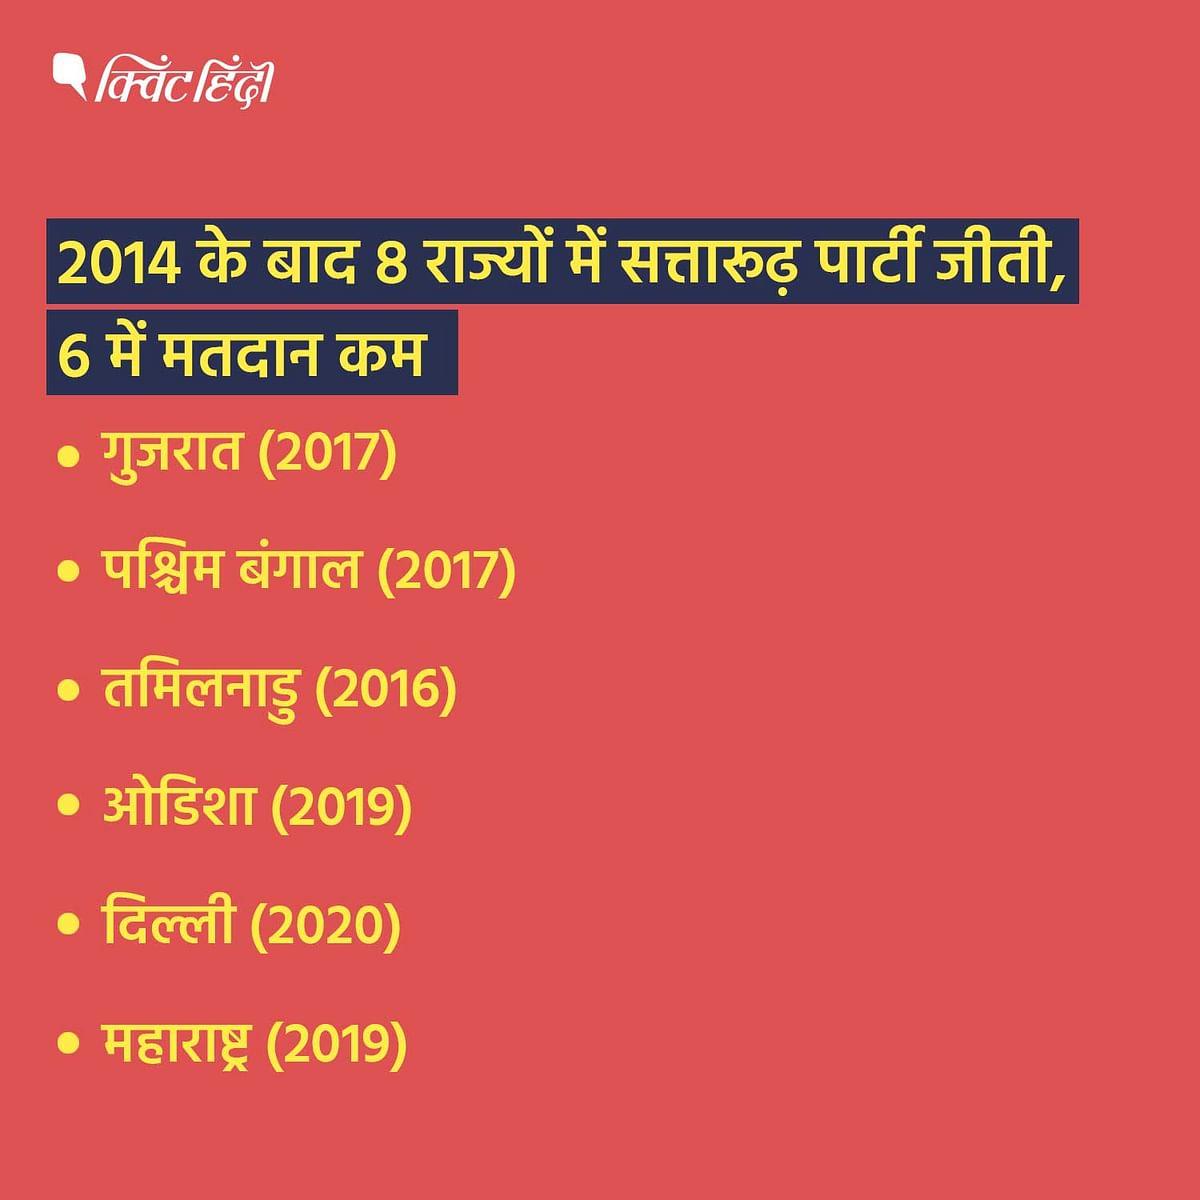 बिहार चुनाव : नीतीश कुमार की जीत के लिए क्यों जरूरी है कम मतदान